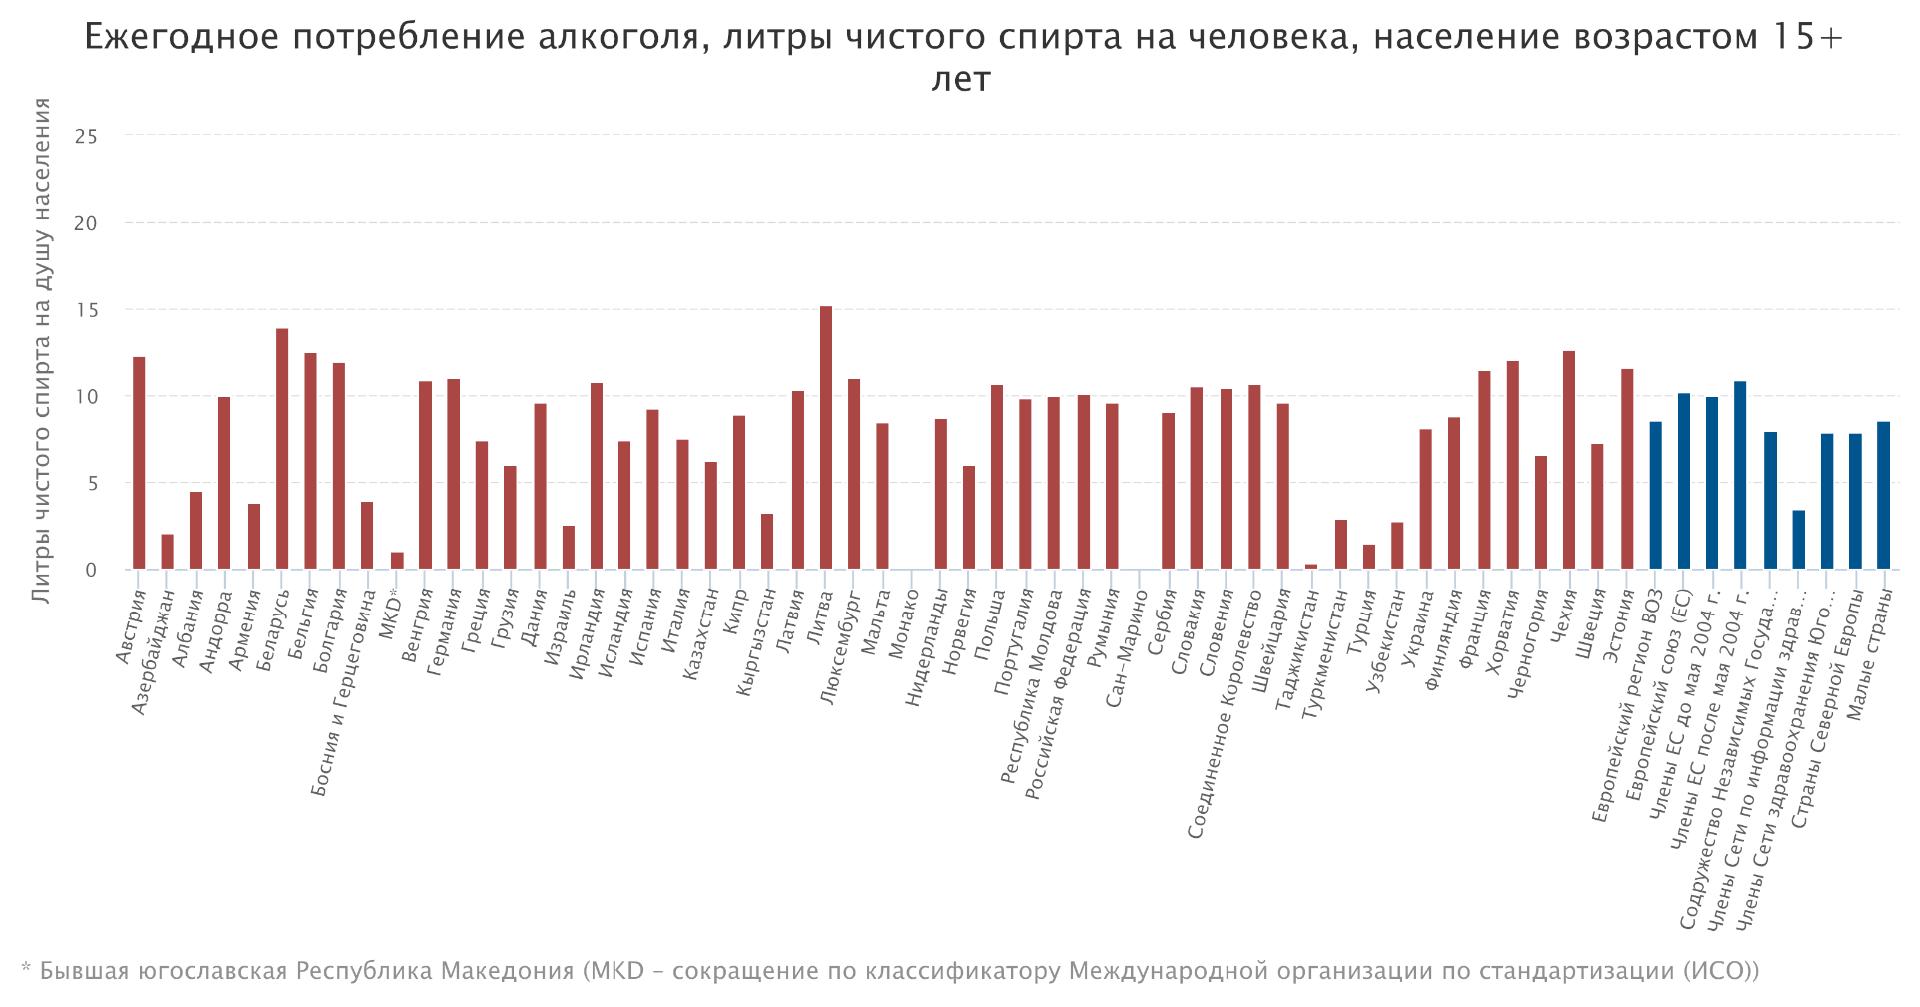 ezhegodnoe-potreblenie-alkogolya-litryi-chistogo-spirta-na-cheloveka-naselenie-vozrastom-1 В ВОЗ назвали самые пьющие страны в мире